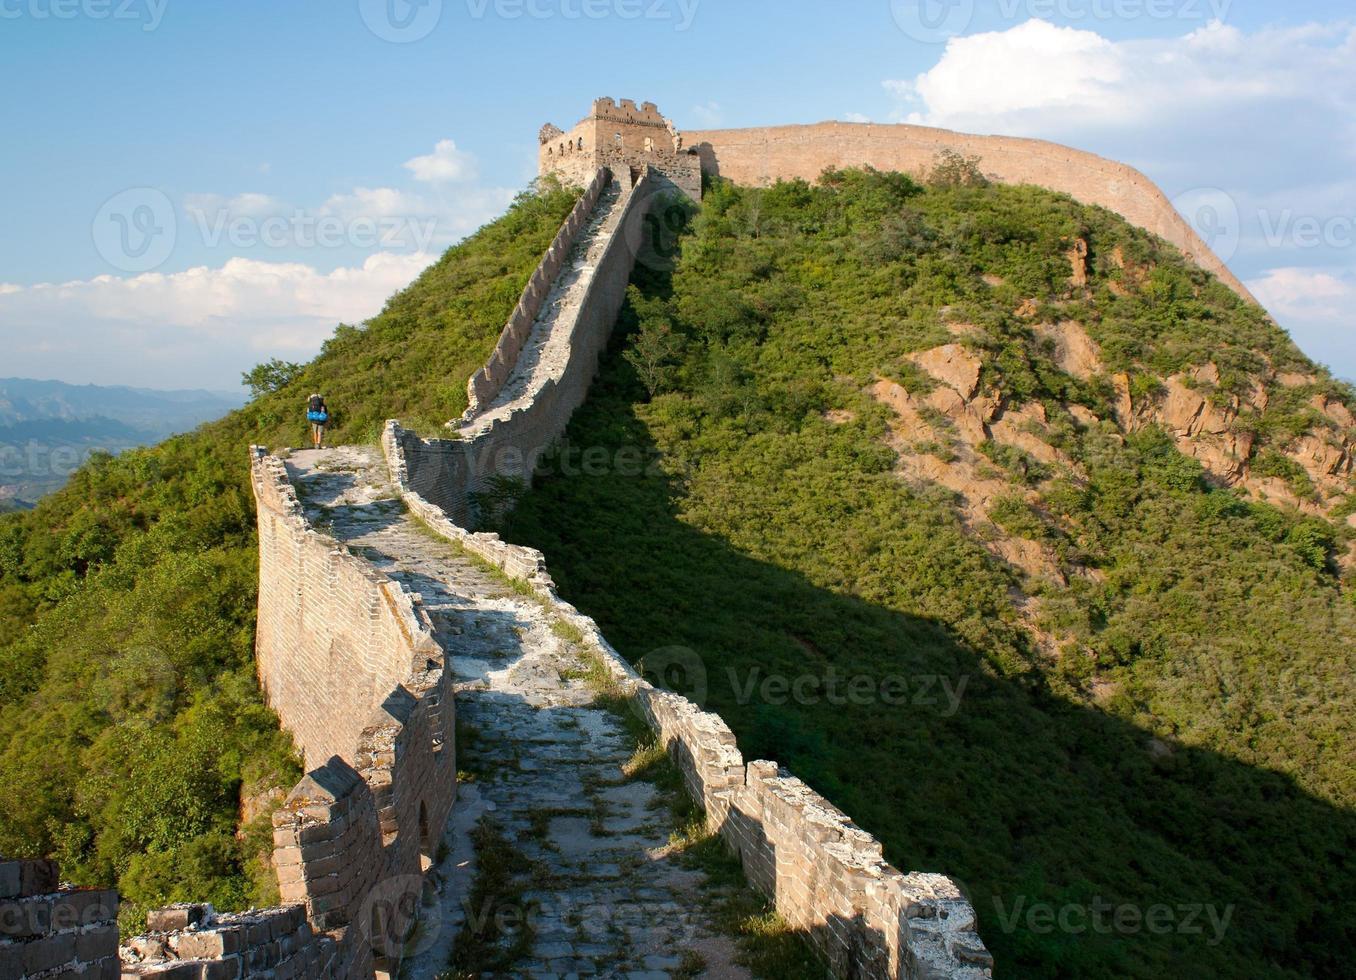 vue de la grande muraille de chine située dans la province du hebei photo